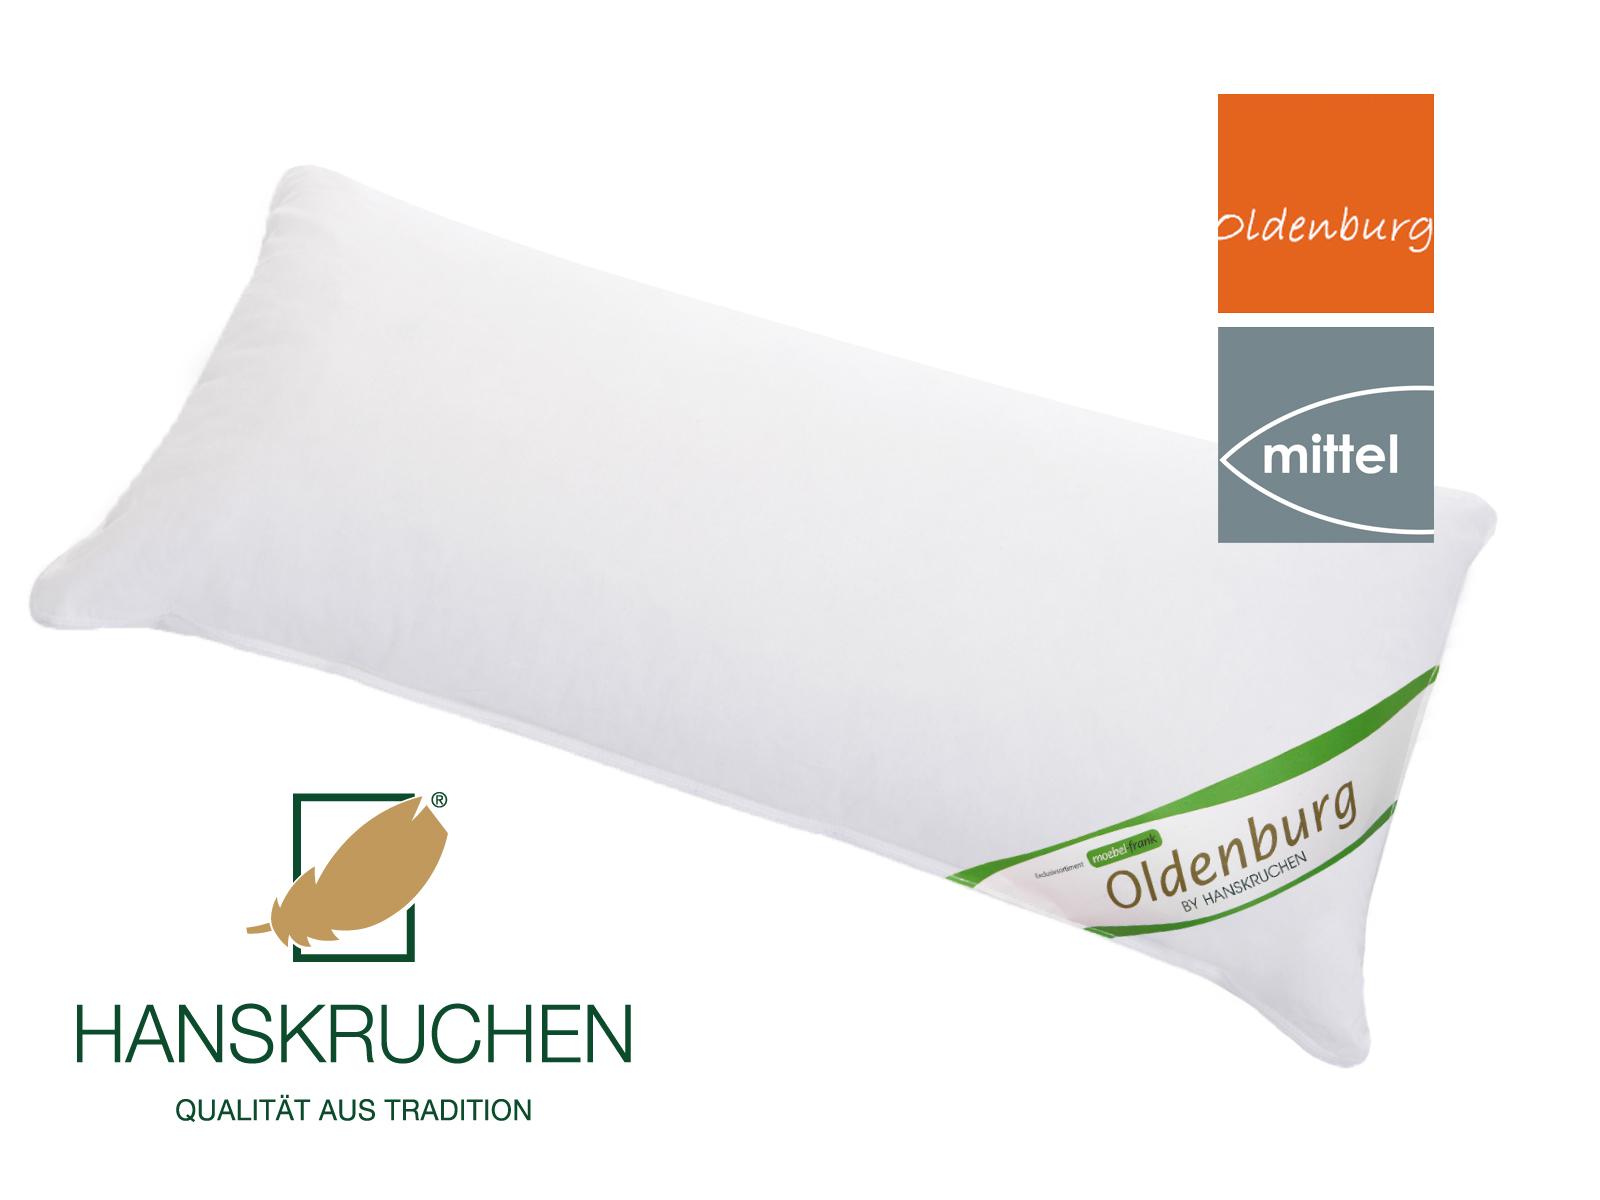 Kopfkissen neue weiße Landdaune und -federn Baumwolle Oldenburg 80x80cm und 40x80cm Hanskruchen – Bild 3